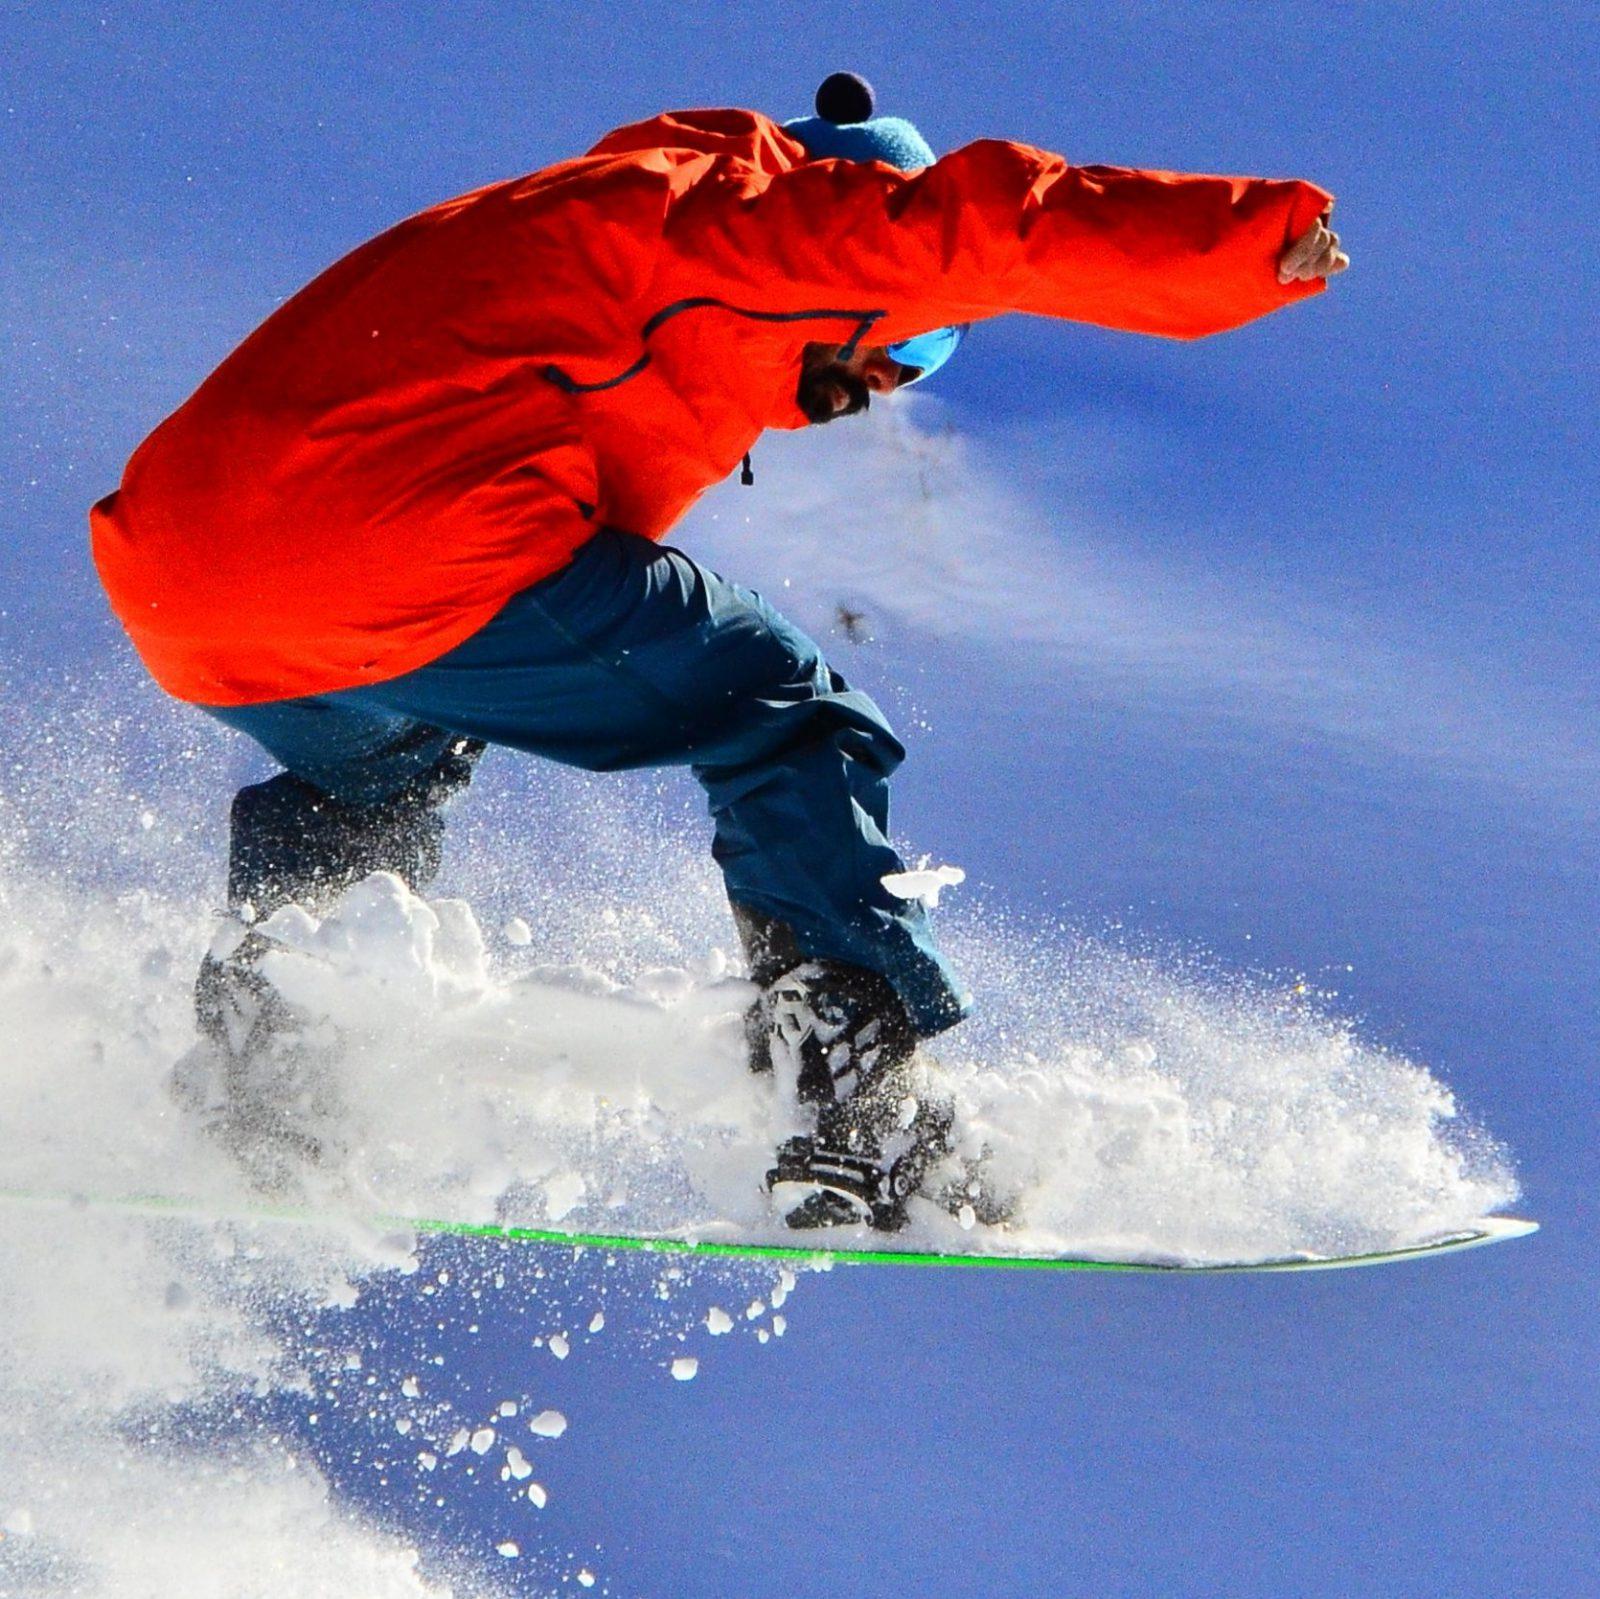 Français & Ski